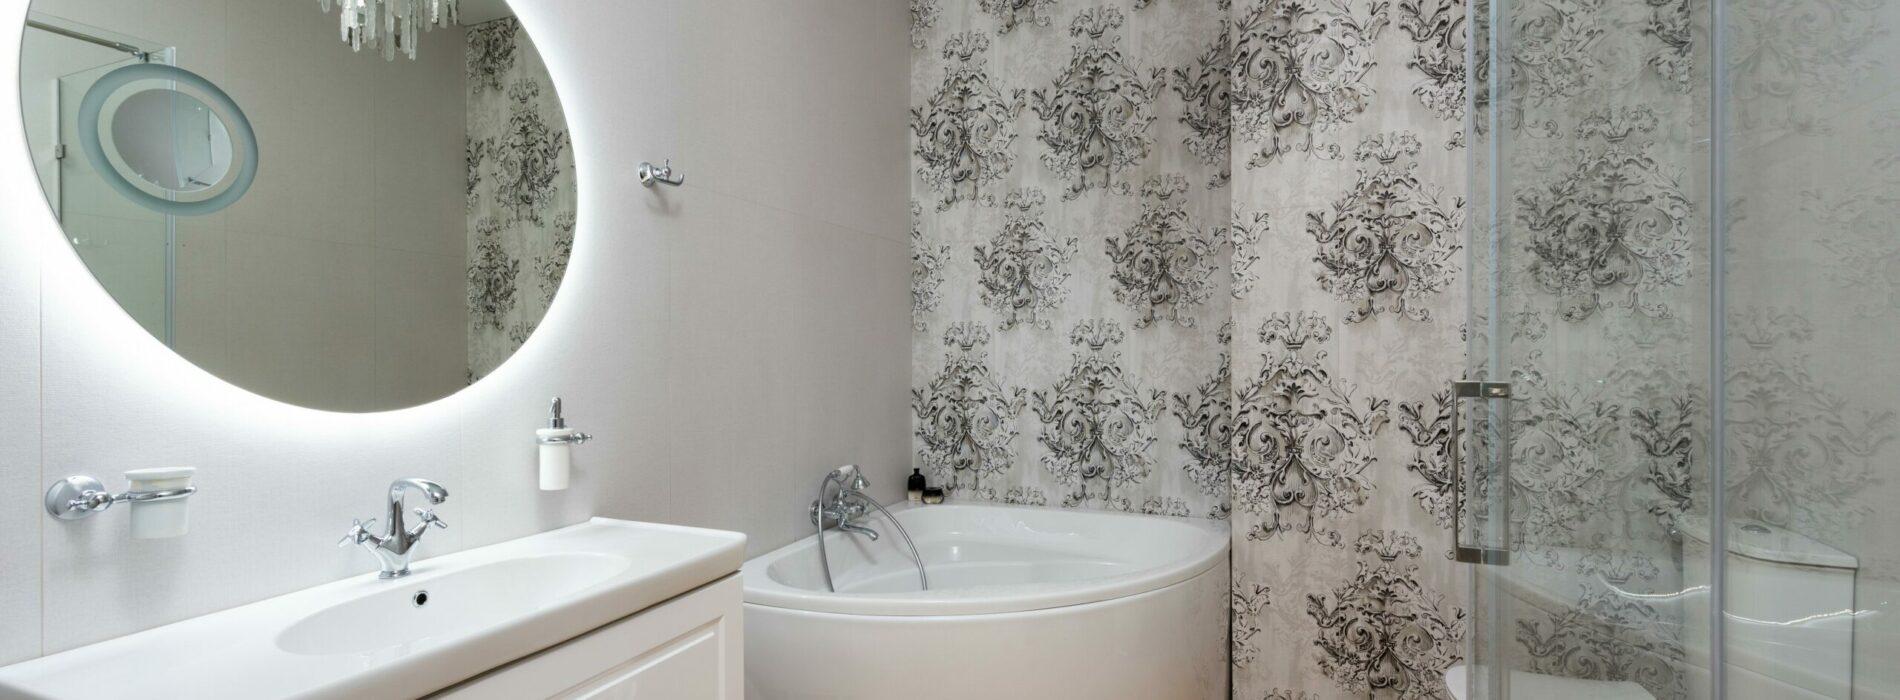 Wiele aranżacji dla małej łazienki. Znajdź niezawodne pomysły do małych łazienek